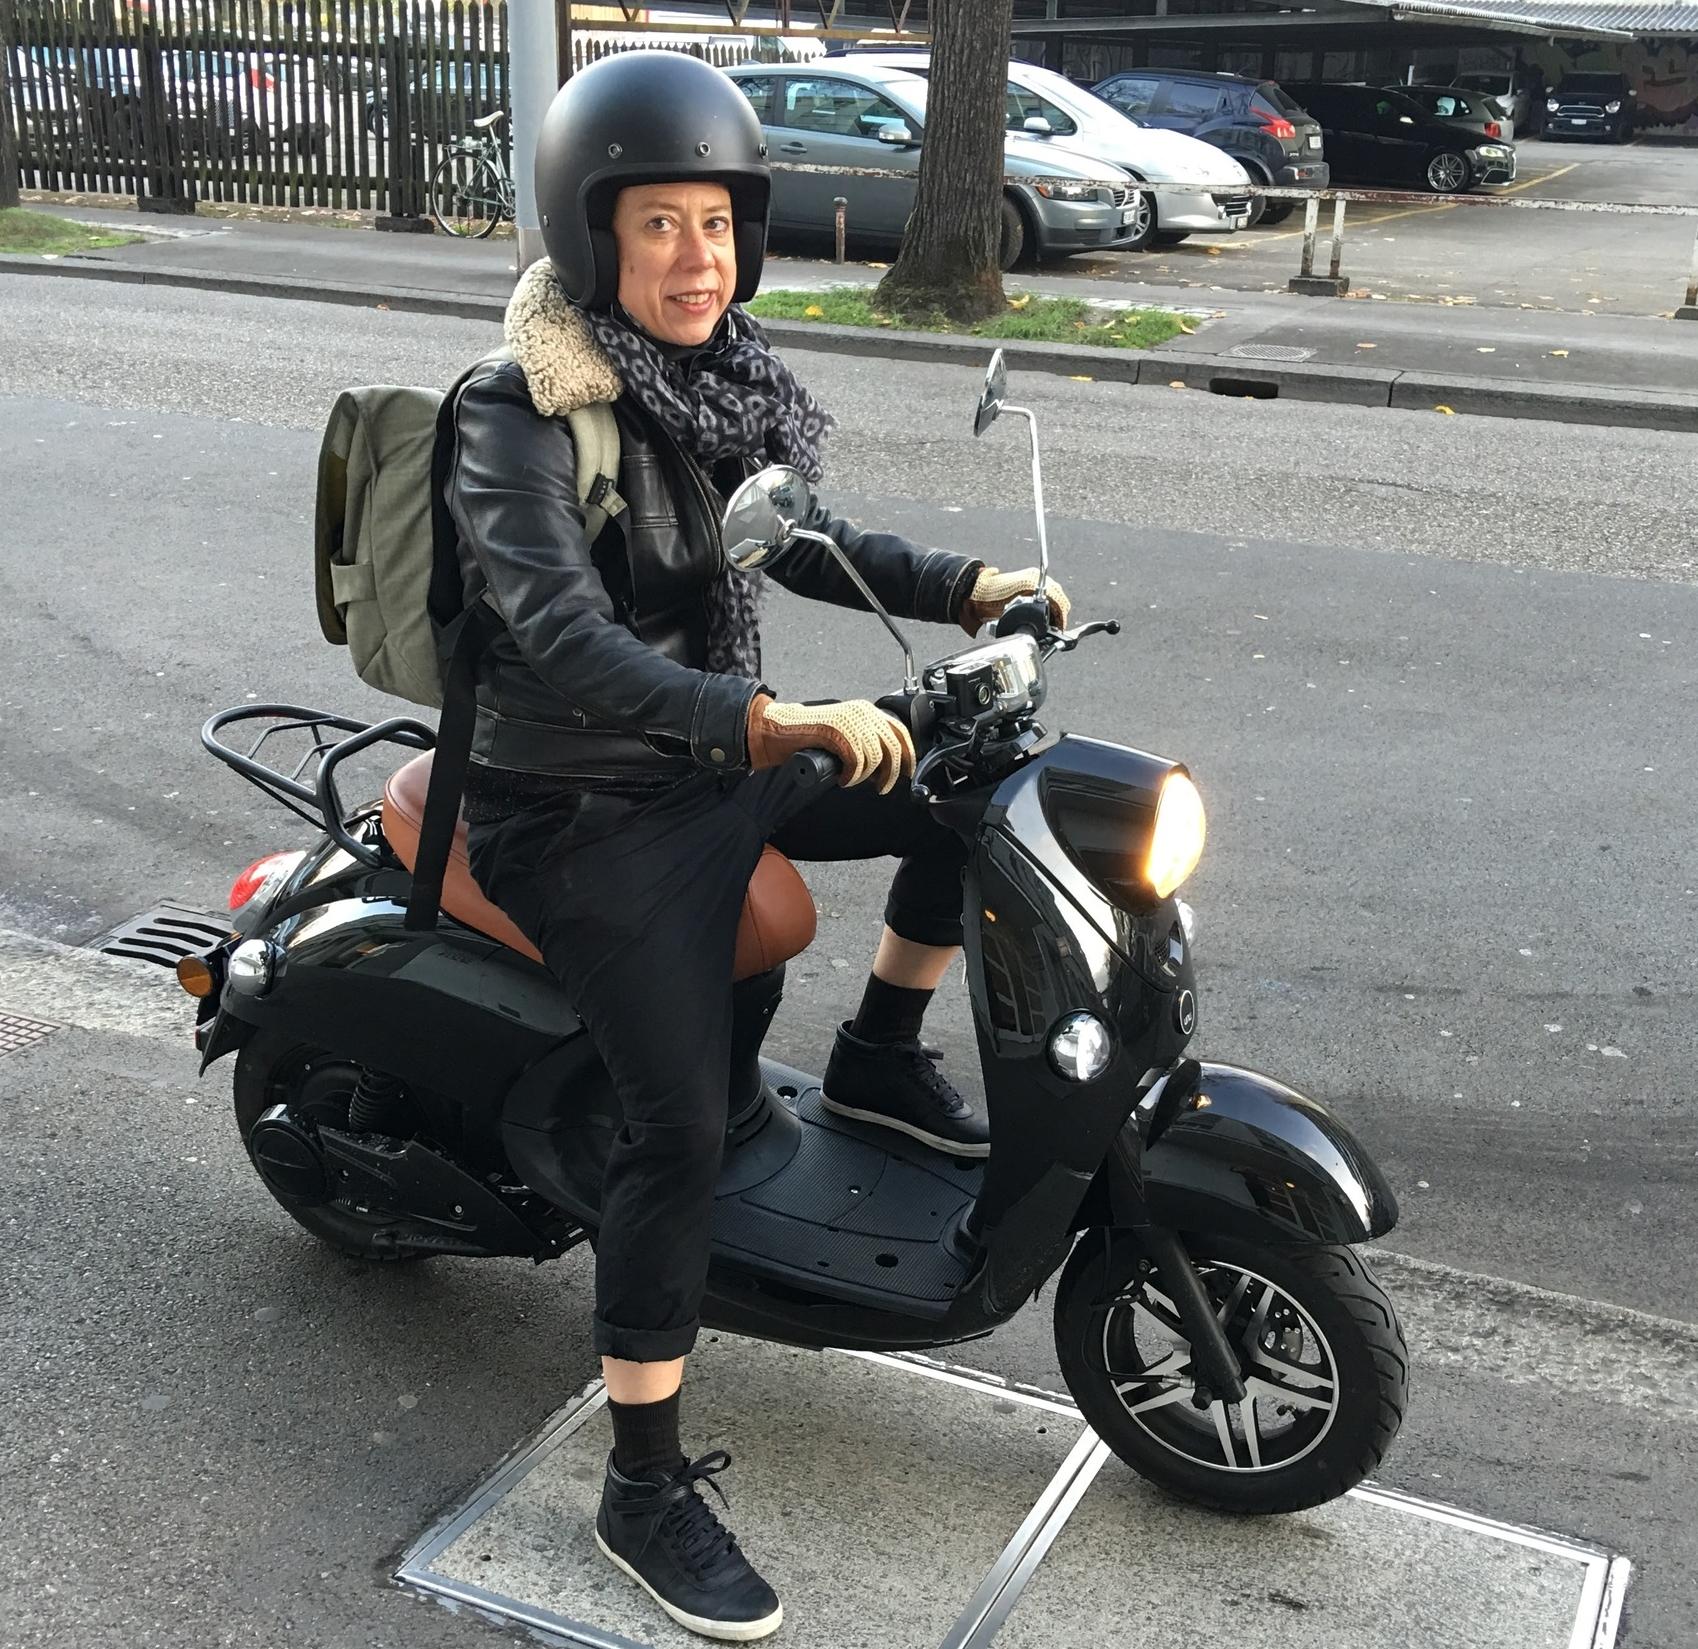 Himmlische Freude im Stadtverkehr  - Meine Testfahrt mit Elektro-Roller Unu   SonntagsZeitung, 15.11.2015